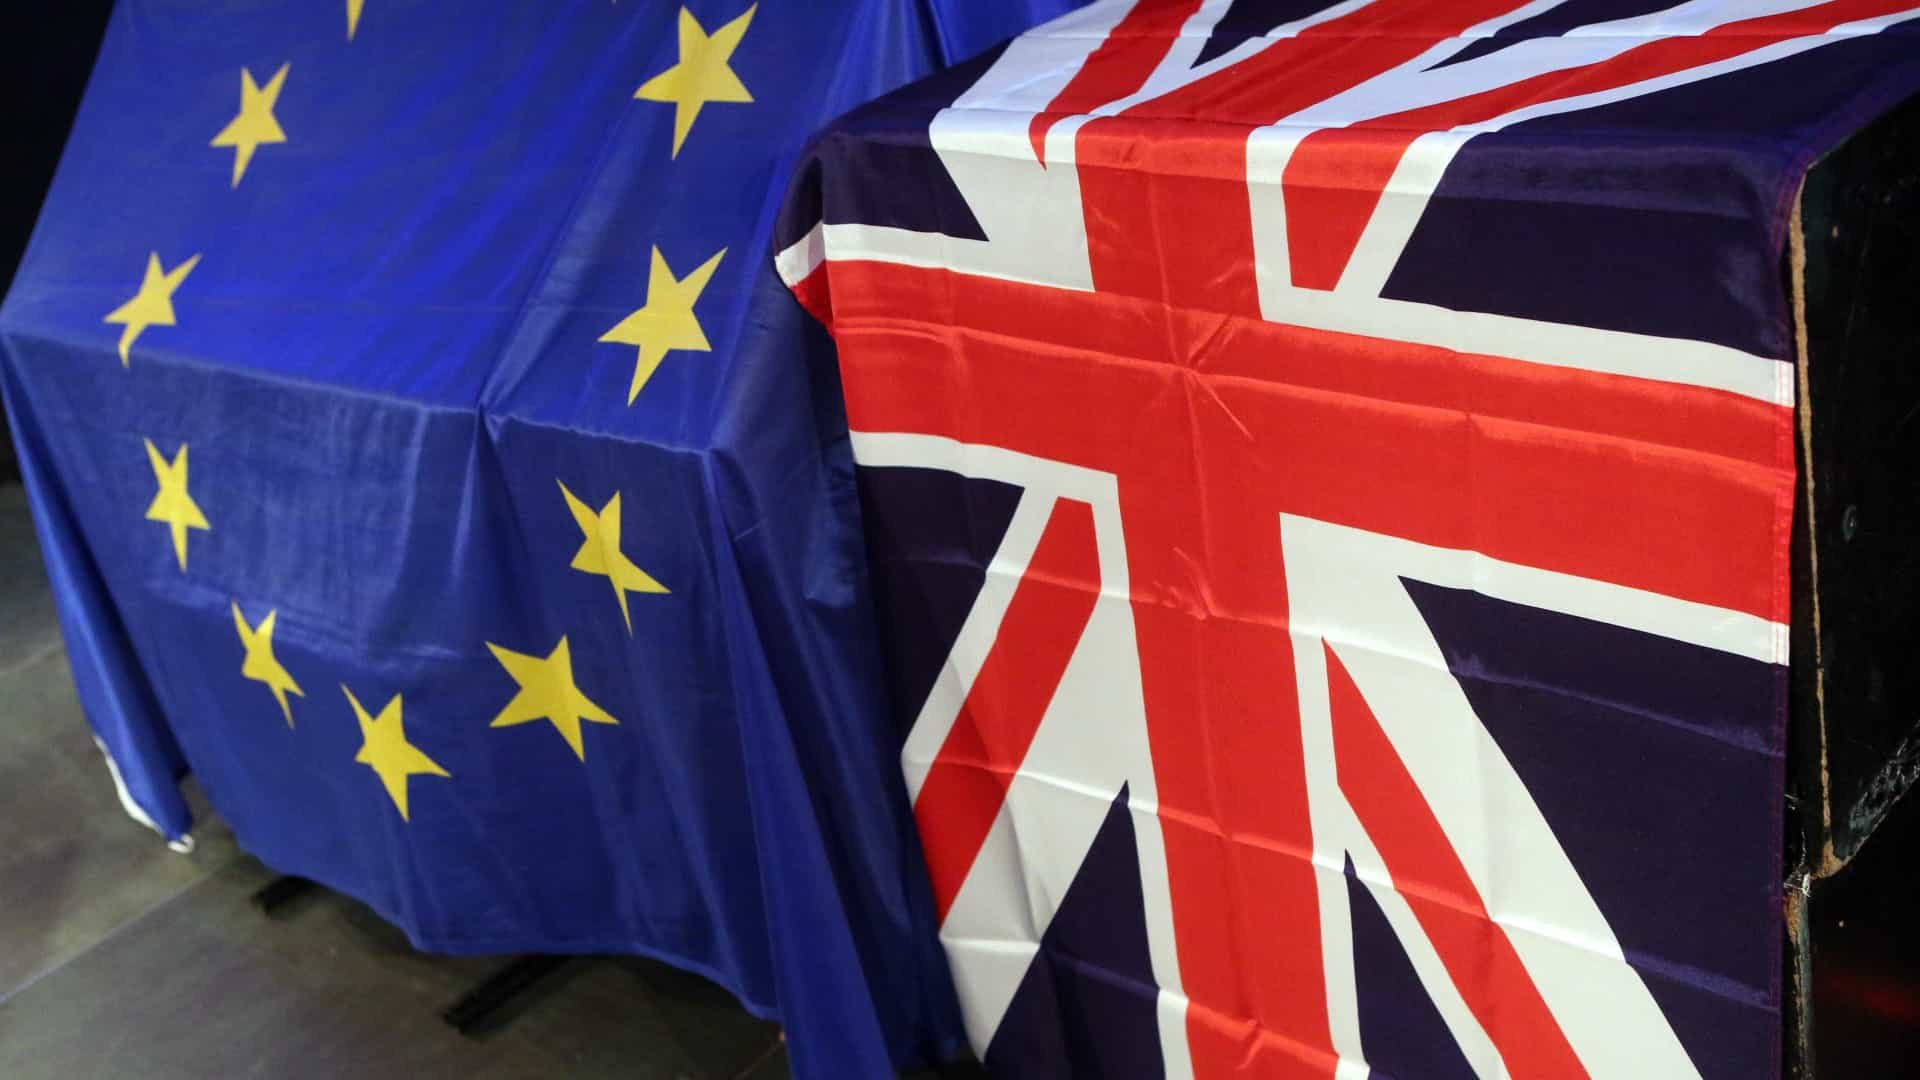 Brexit: Preços sobem 2,3% em fevereiro para máximo desde novembro de 2015